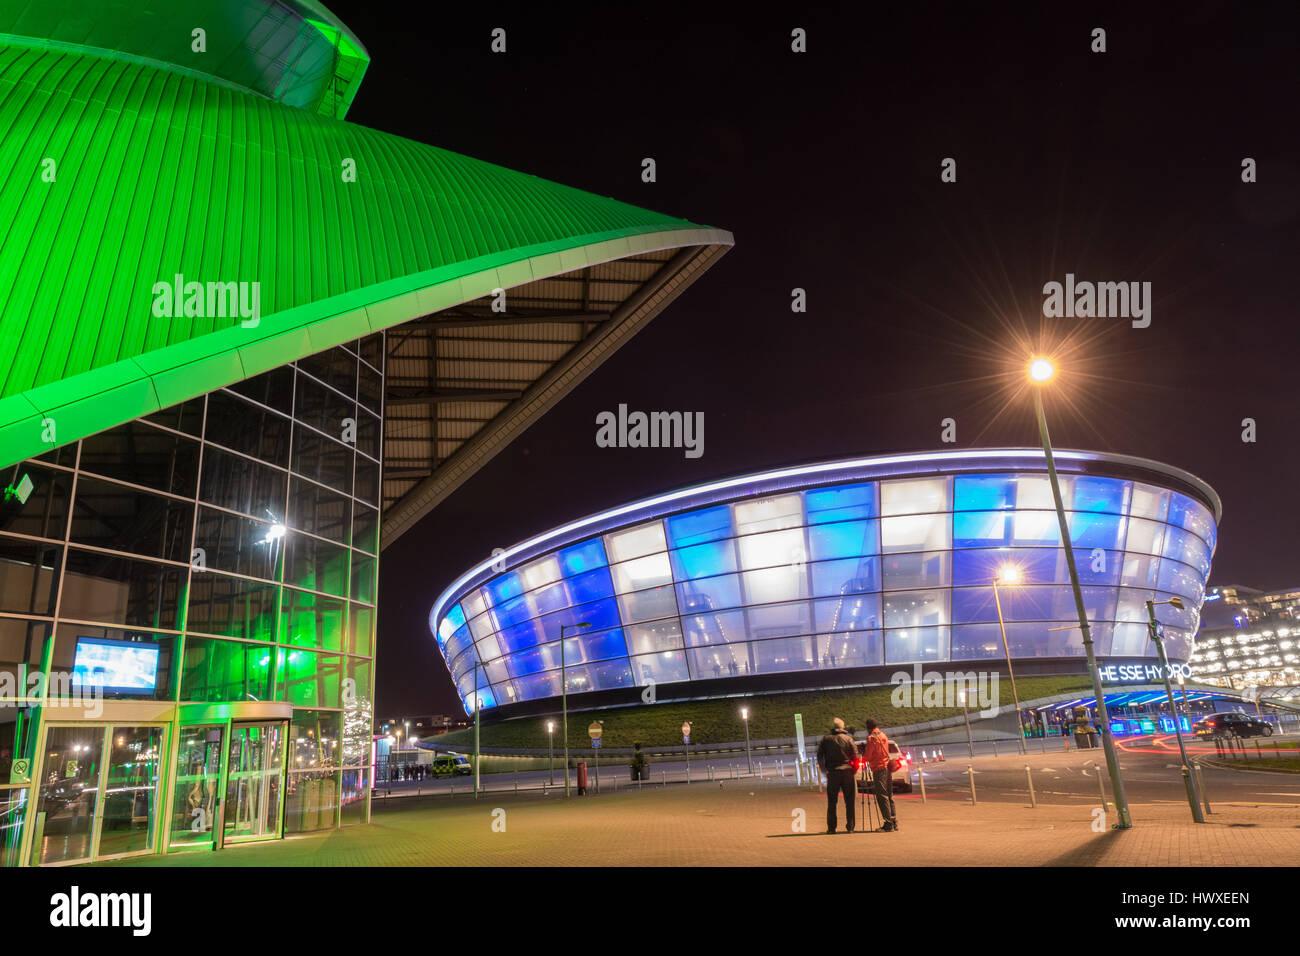 L'événement écossais Campus (SEC) Glasgow, Écosse - l'ESS Hydro et SEC à l'Armadillo Photo Stock